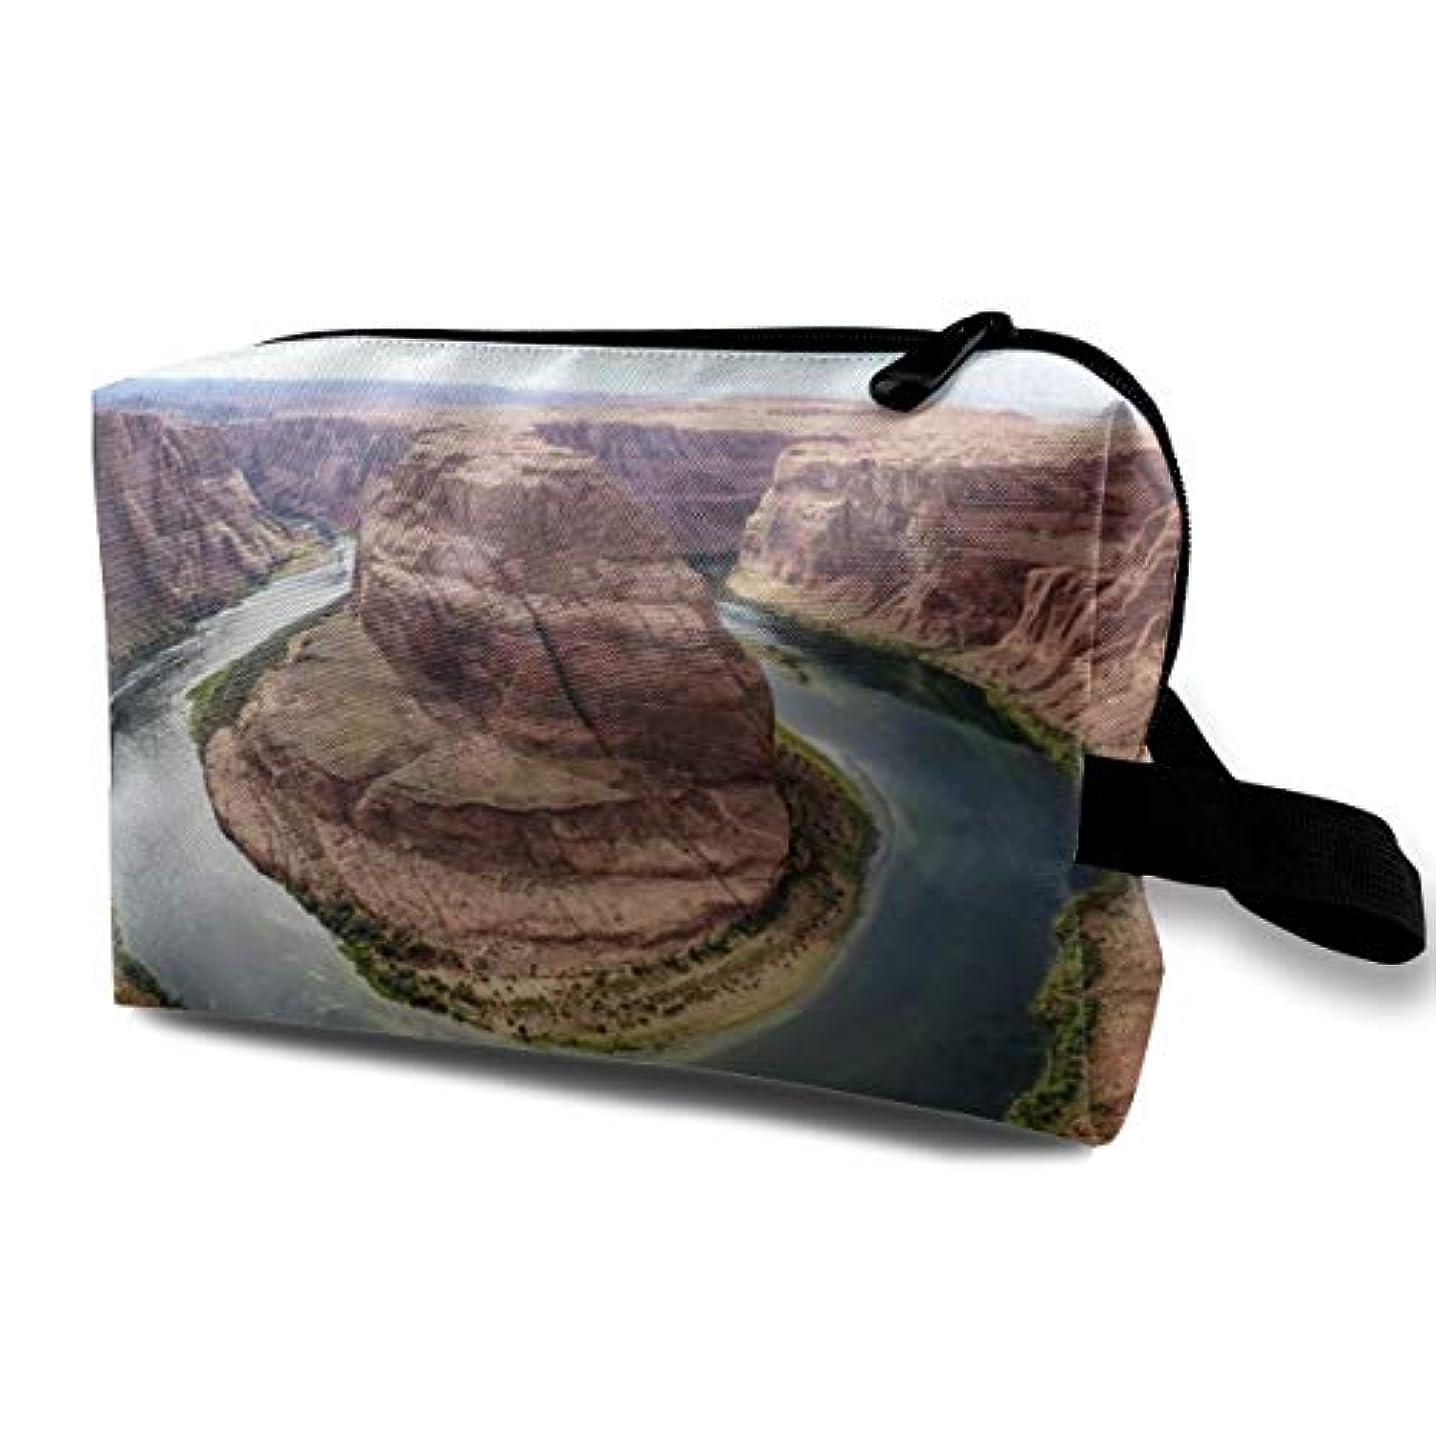 変更添付コーンHorseshoe Bend In Grand Canyon 収納ポーチ 化粧ポーチ 大容量 軽量 耐久性 ハンドル付持ち運び便利。入れ 自宅?出張?旅行?アウトドア撮影などに対応。メンズ レディース トラベルグッズ